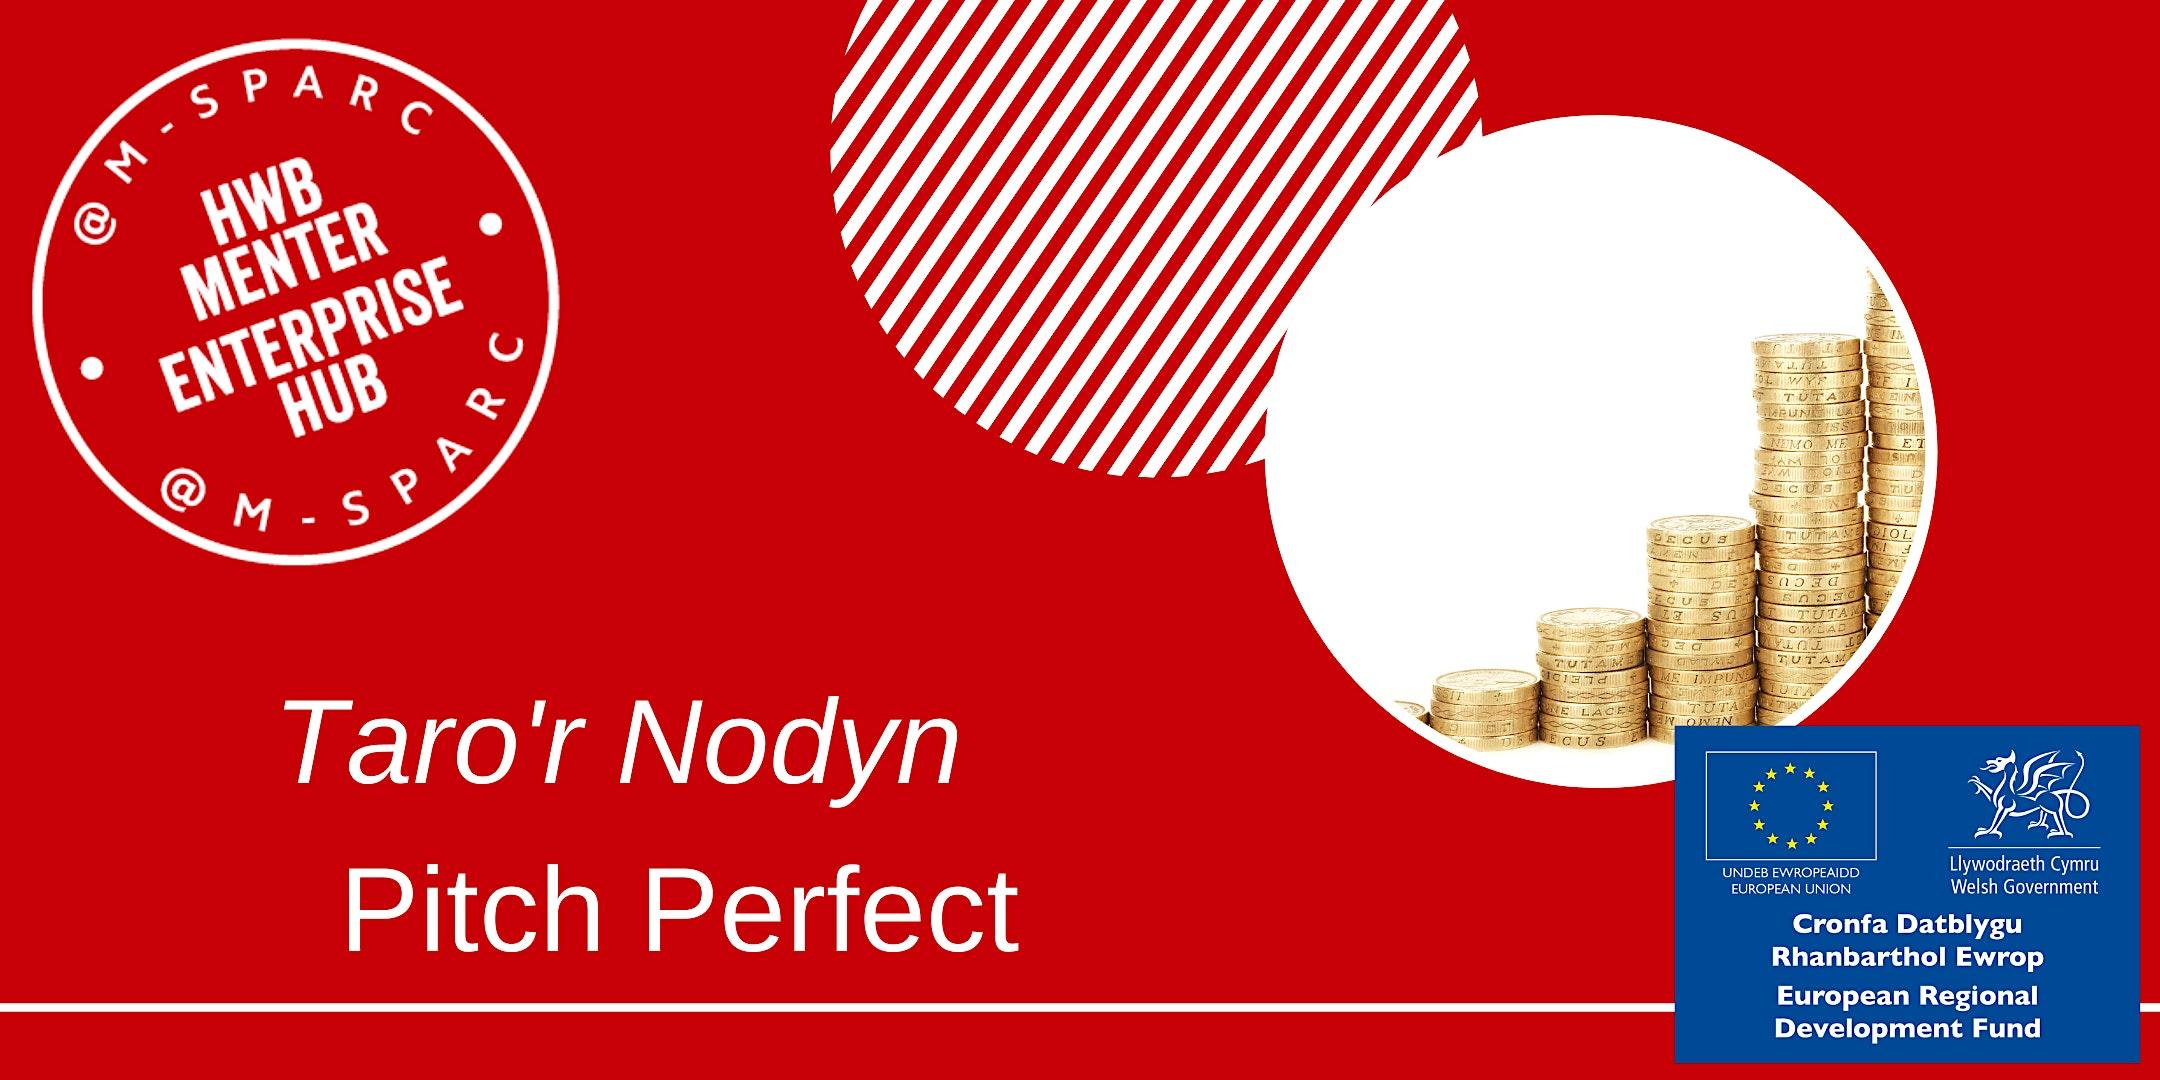 Taro'r Nodyn - Pitch Perfect